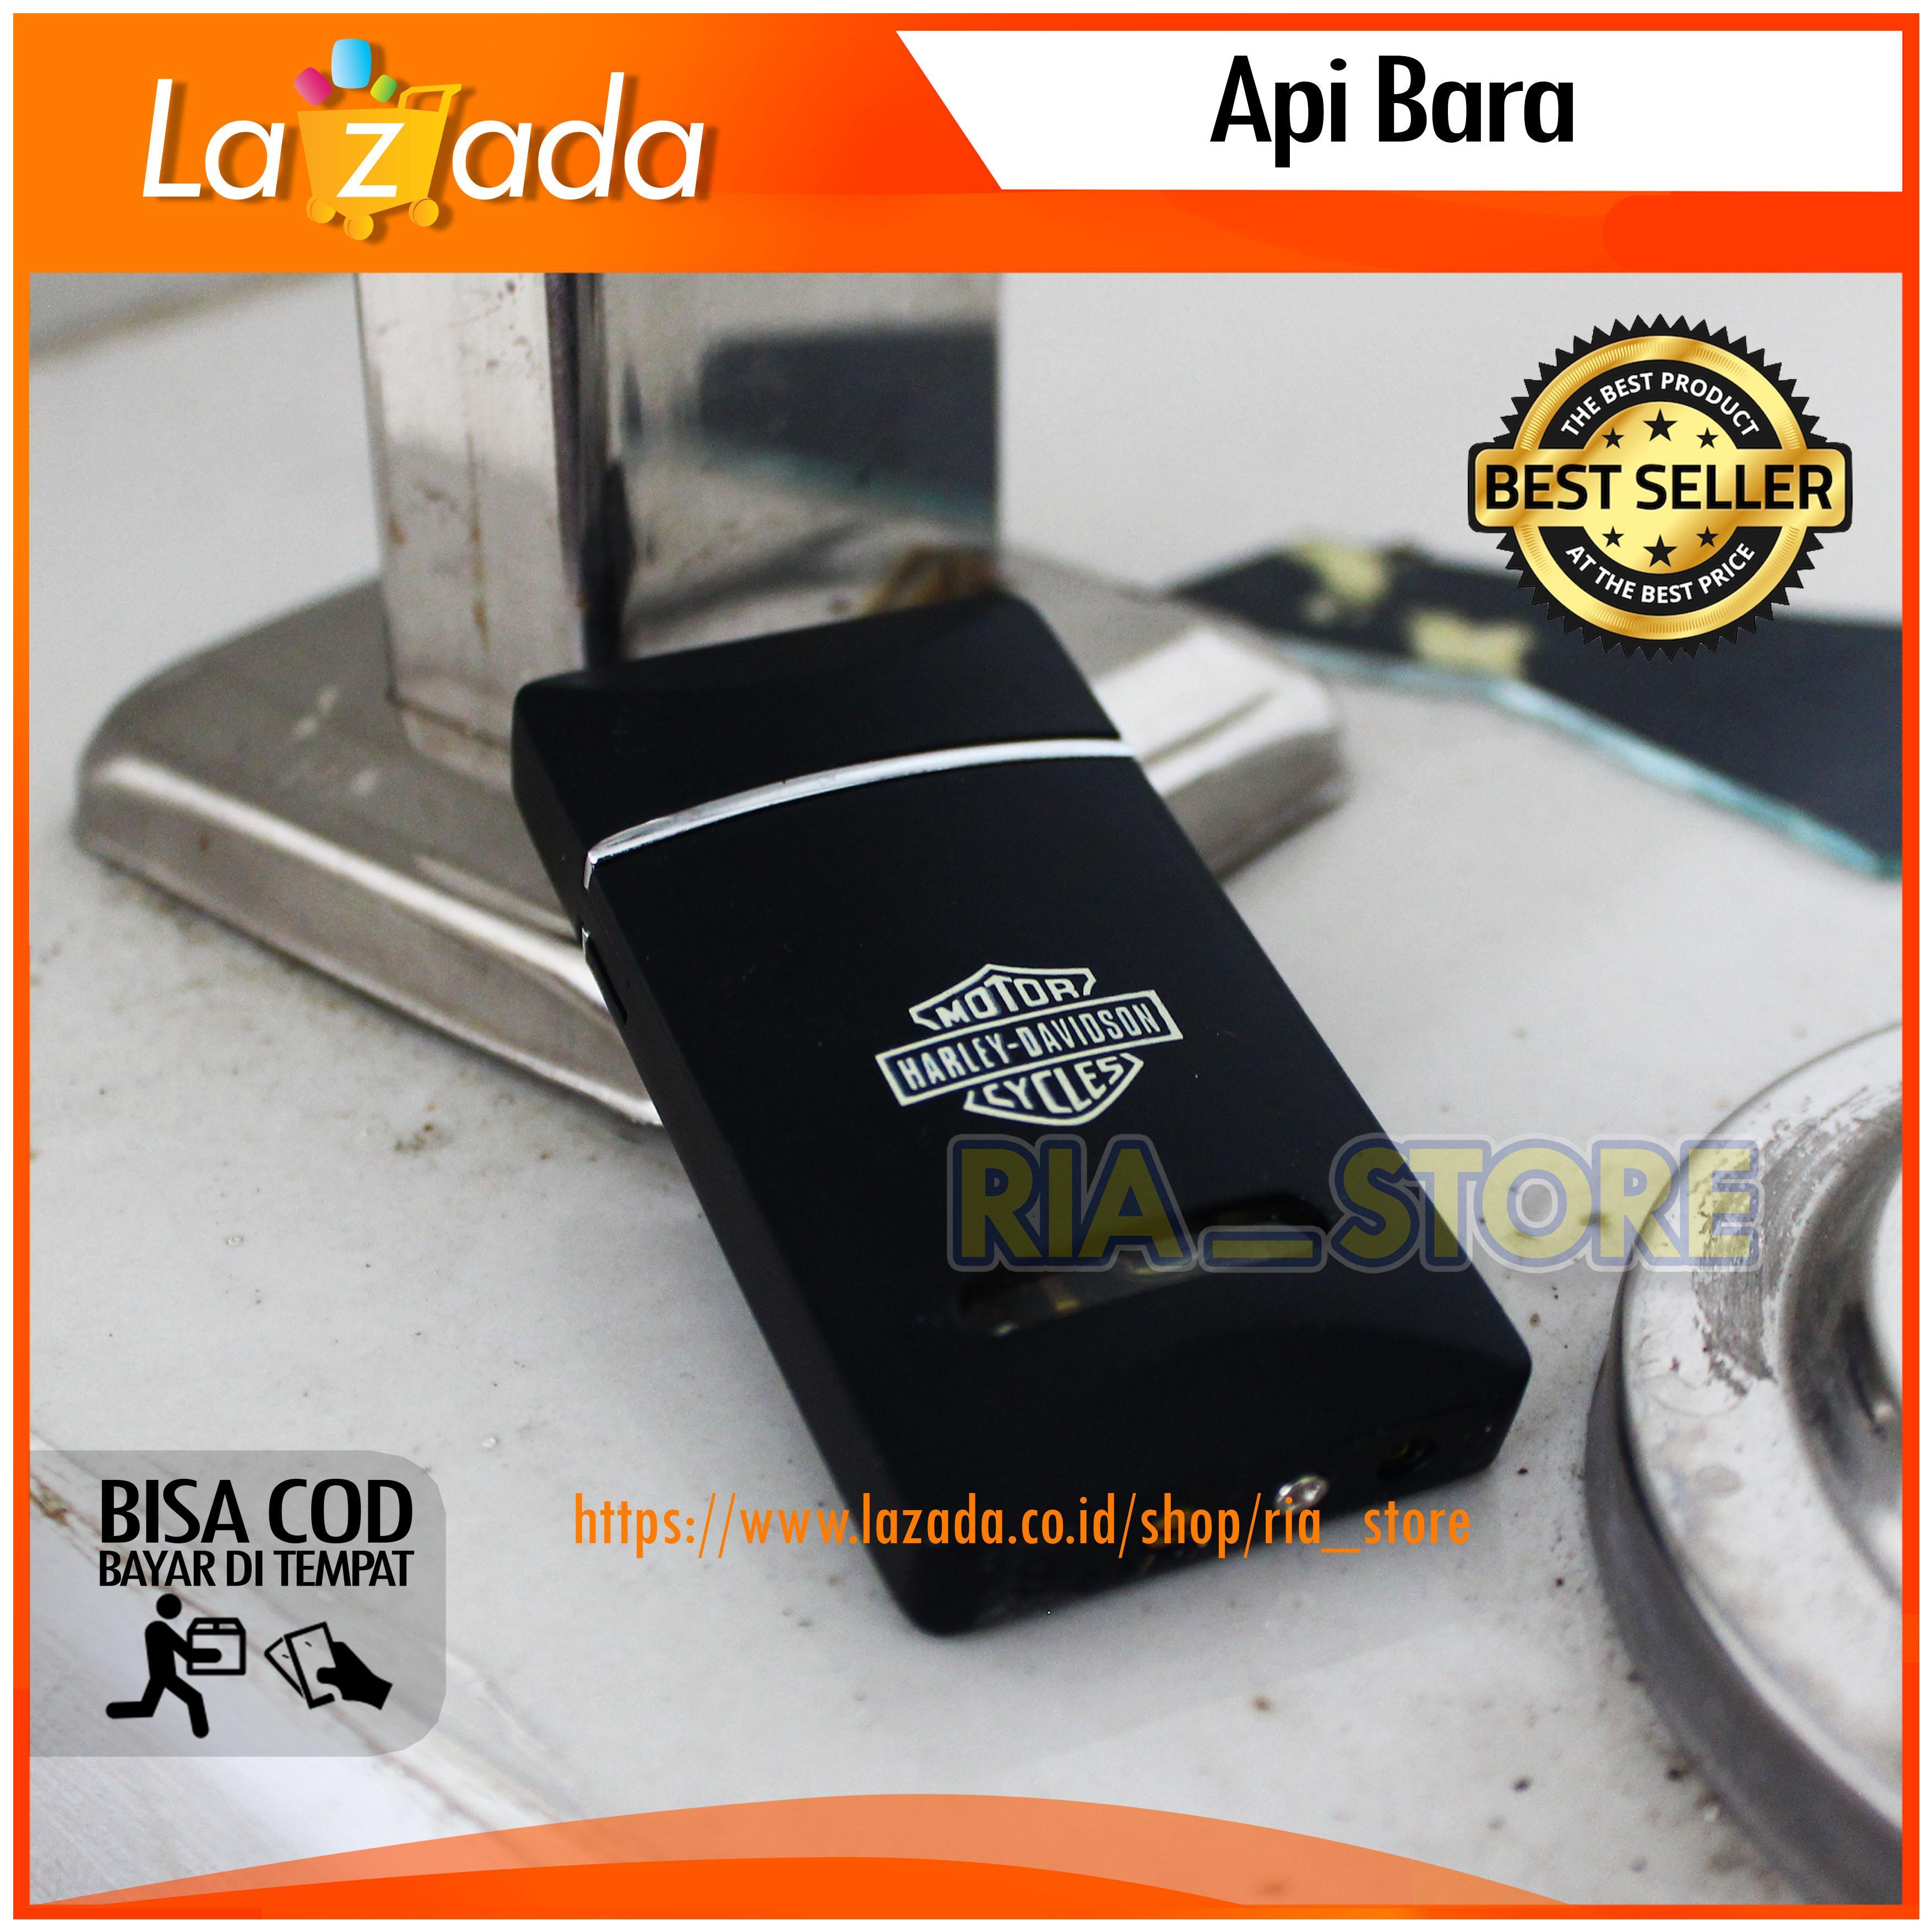 Korek Api Model Harley davidson BL HD 913 Black, Korek Api Exclusive, Korek Bara